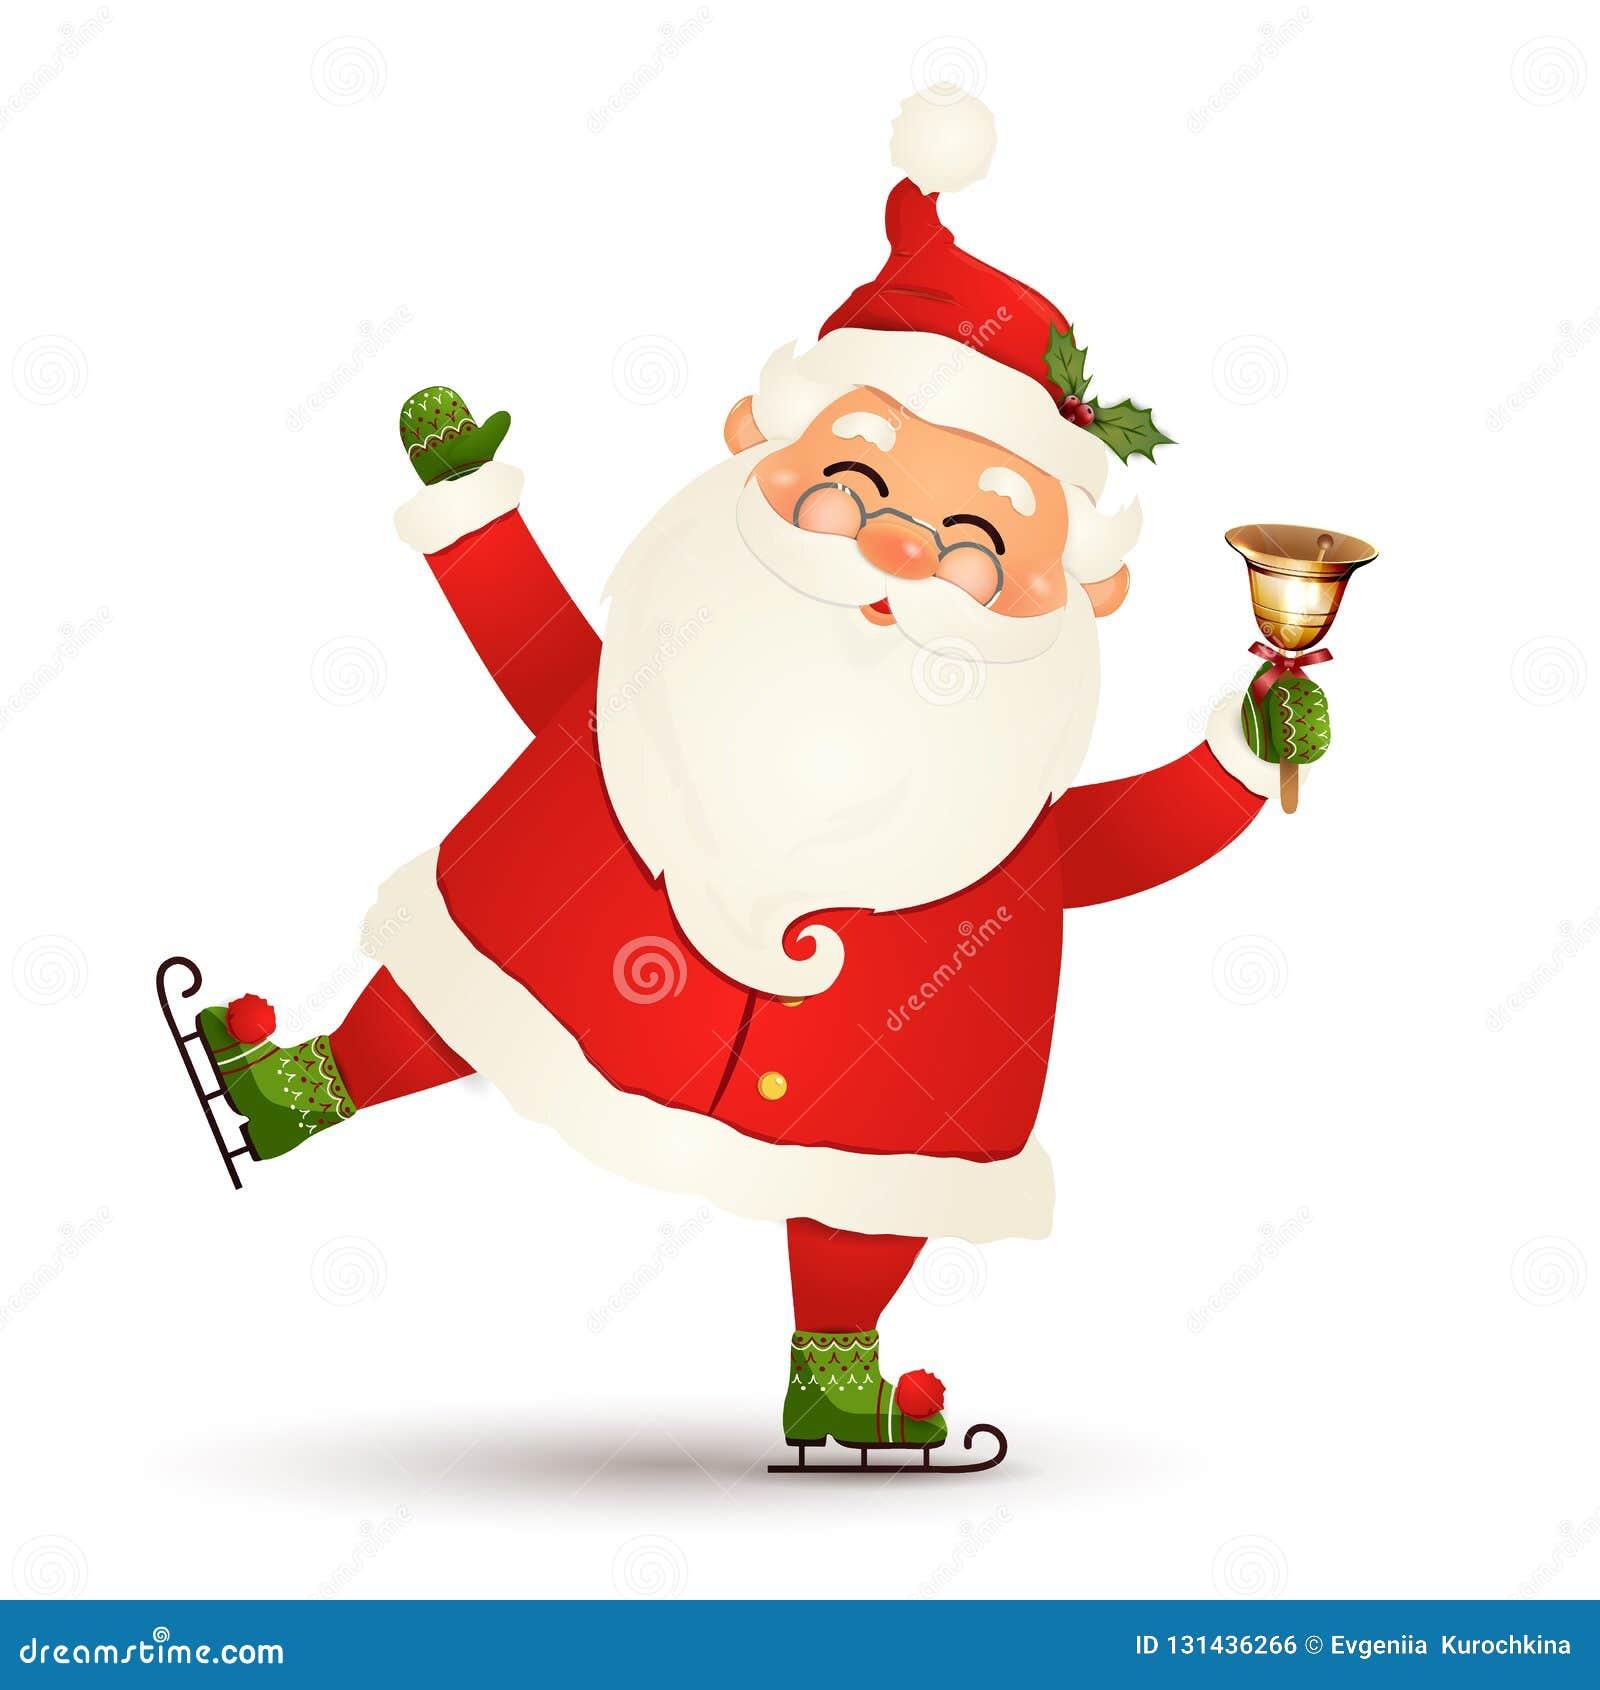 Χριστούγεννα, χαριτωμένος, αστείος πάγος Άγιου Βασίλη που κάνουν πατινάζ με τα χρυσά κάλαντα που απομονώνονται στο άσπρο υπόβαθρο